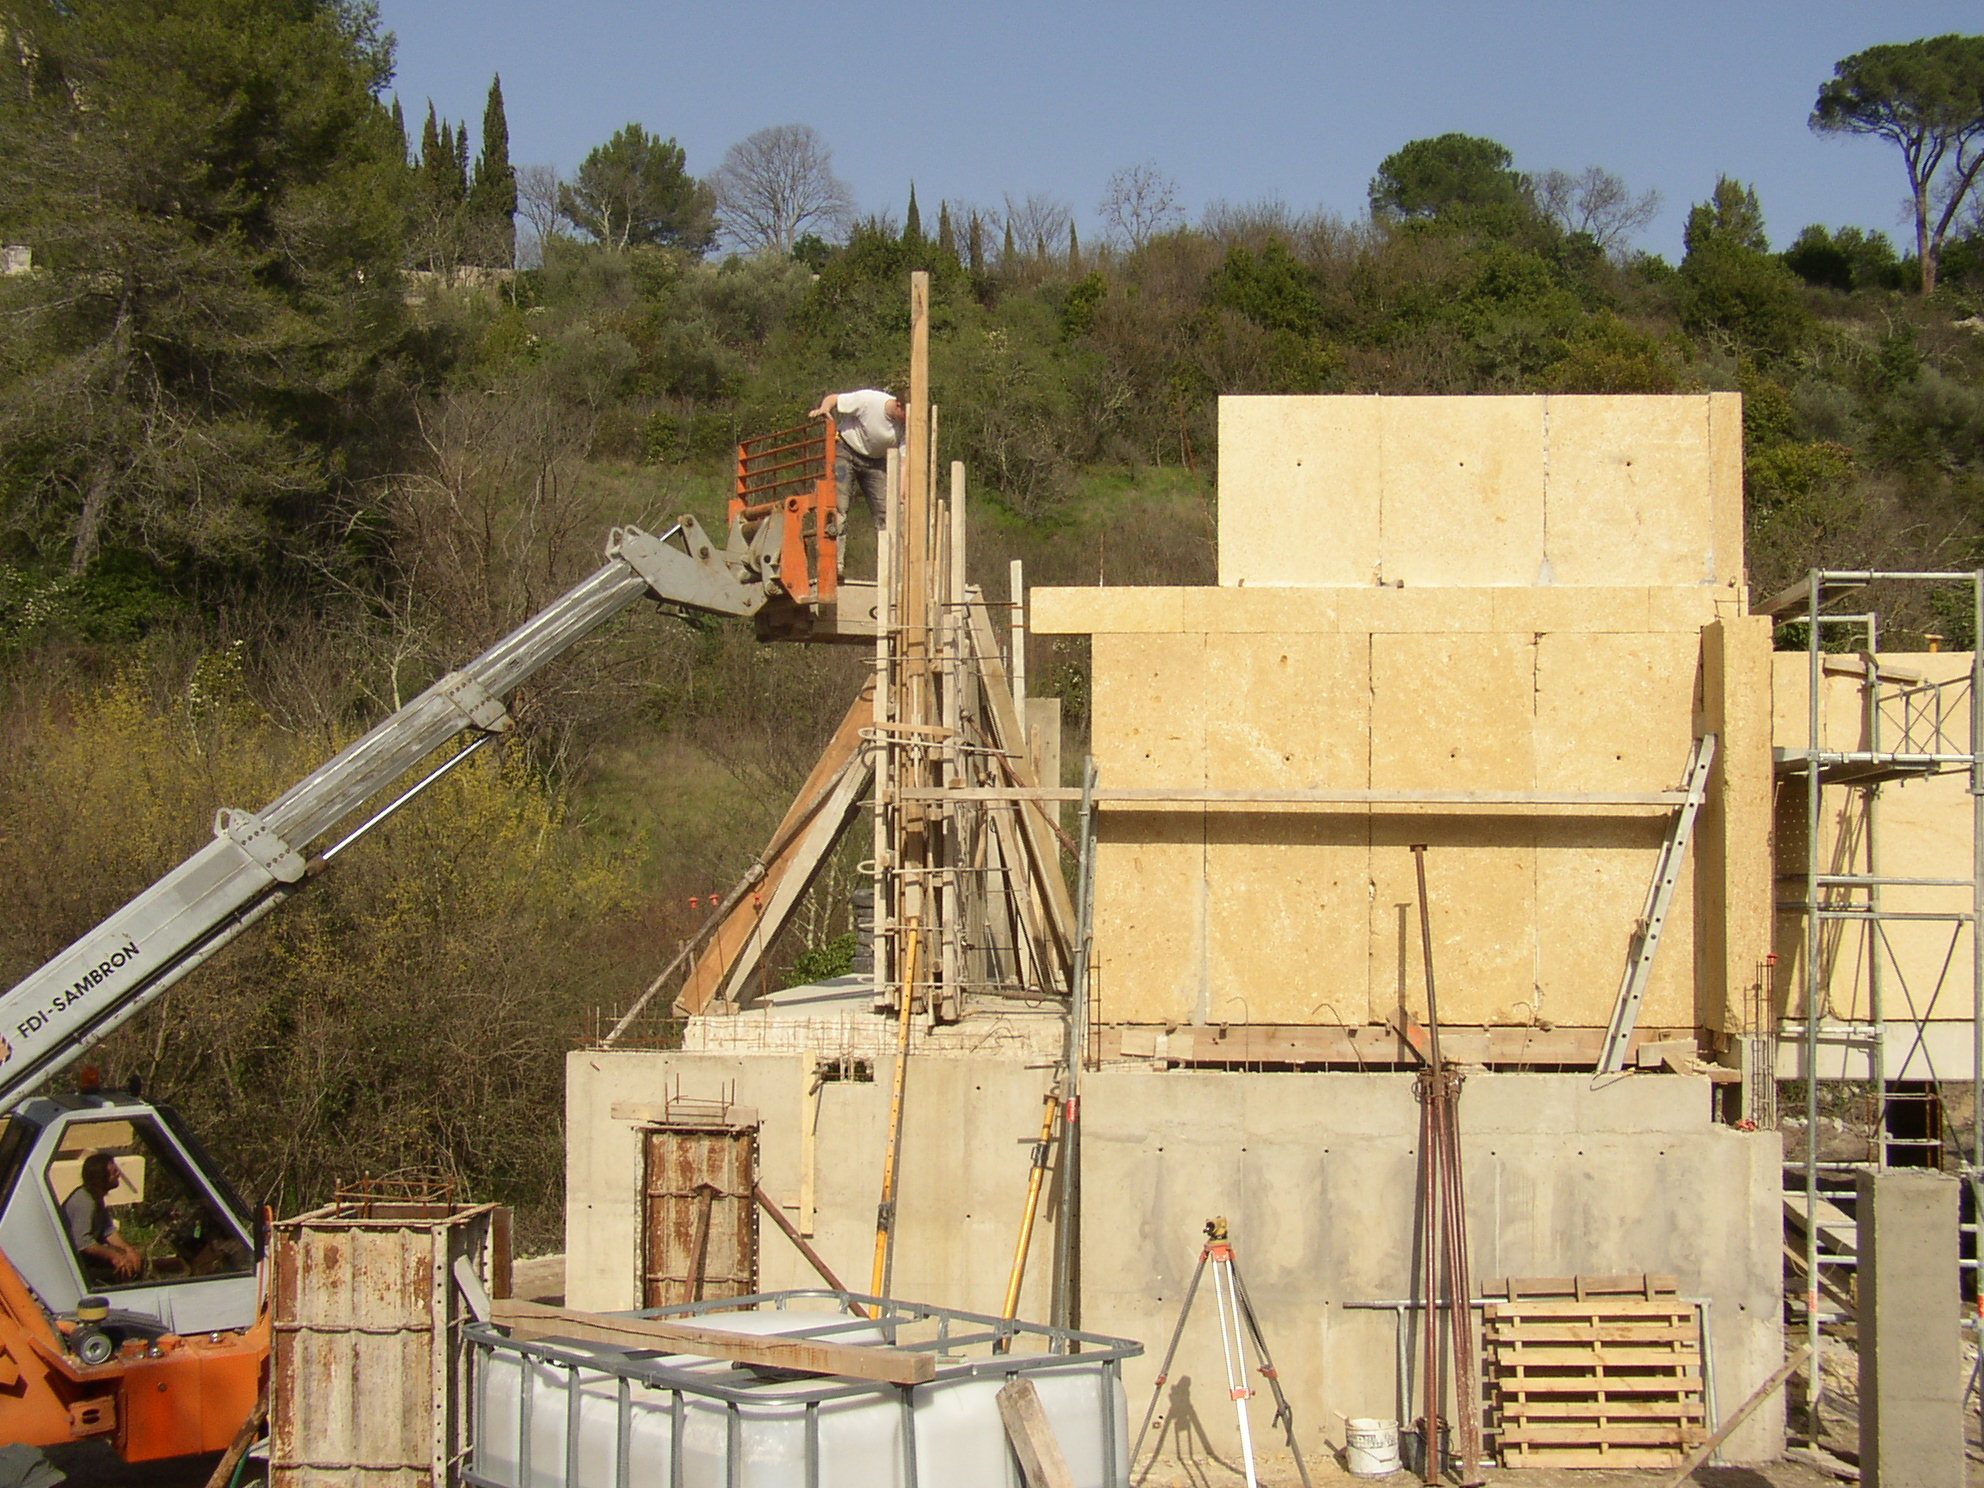 Desportes rénovation, Gard. Sommières maison en pierres massives. Chainage intégré dans l'épaisseur de chaque pierre.